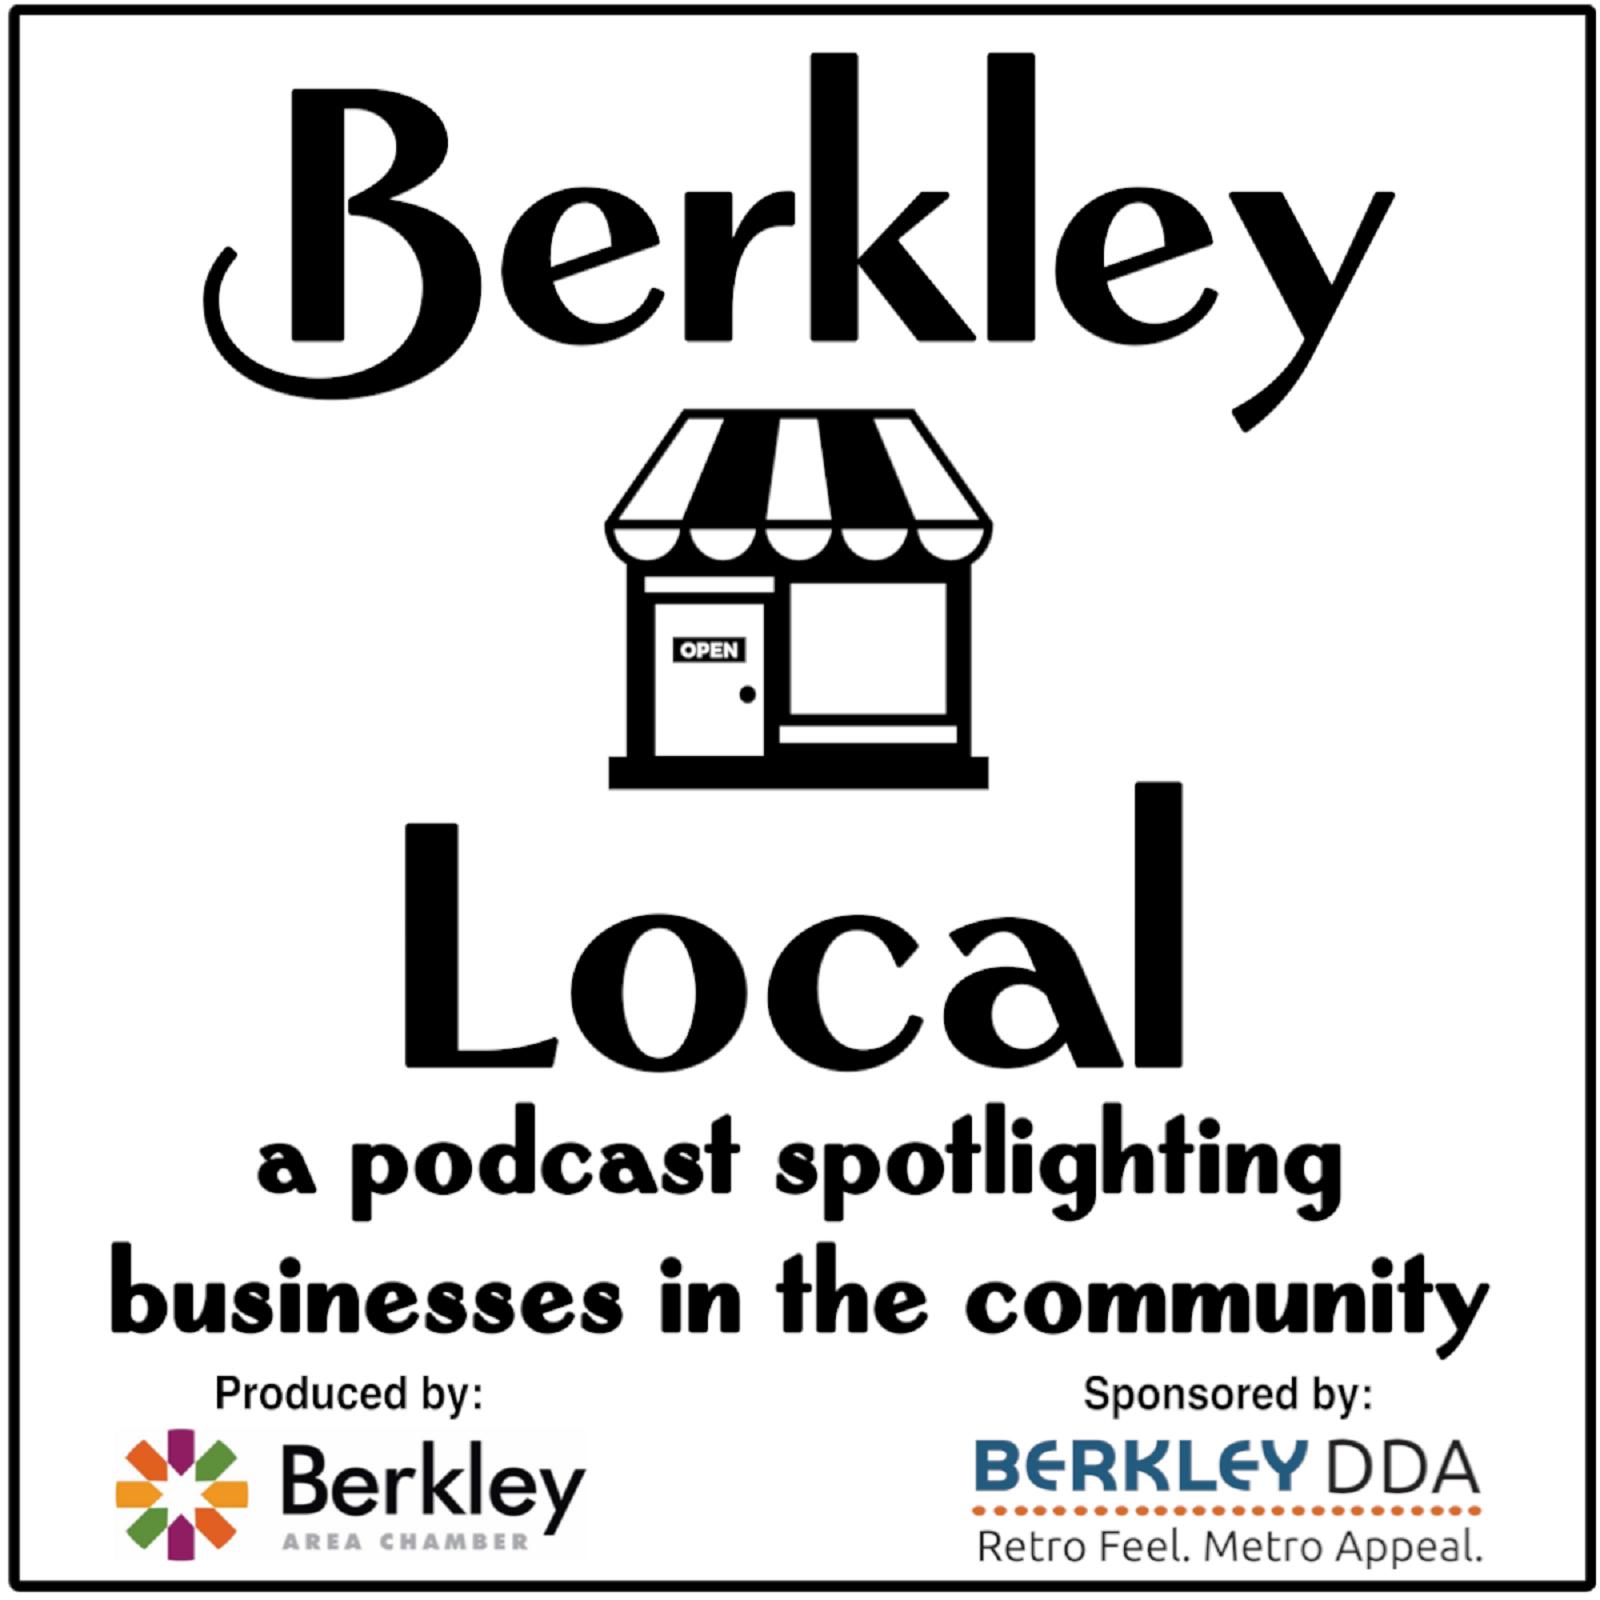 Berkley Local – PodcastDetroit.com